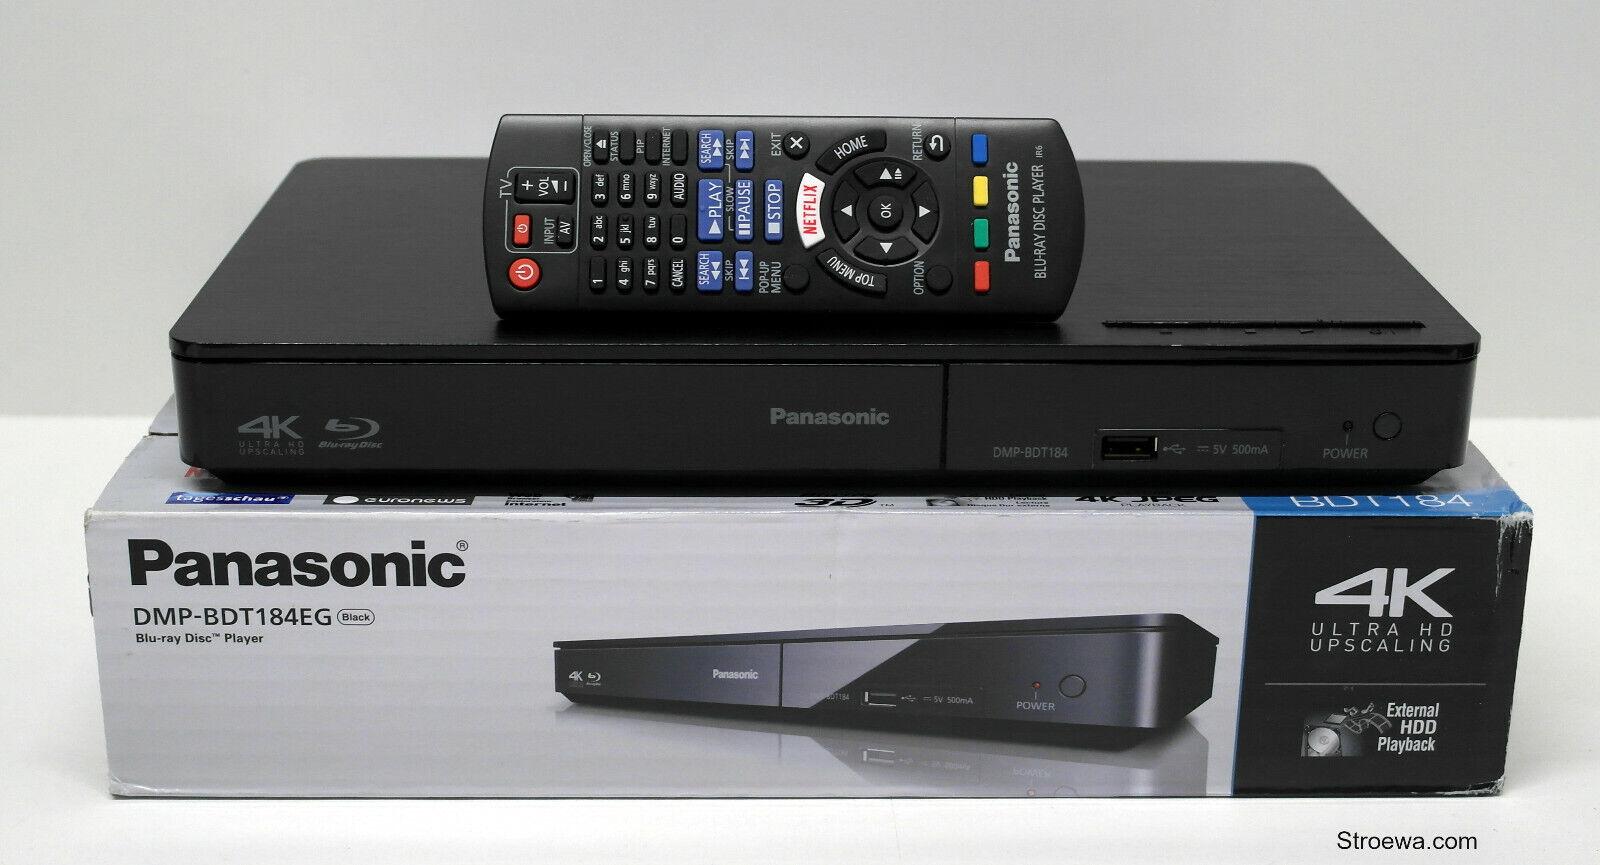 Panasonic DMP-BDT184EG 3D Blu-ray Player schwarz, Ausstellungsstück